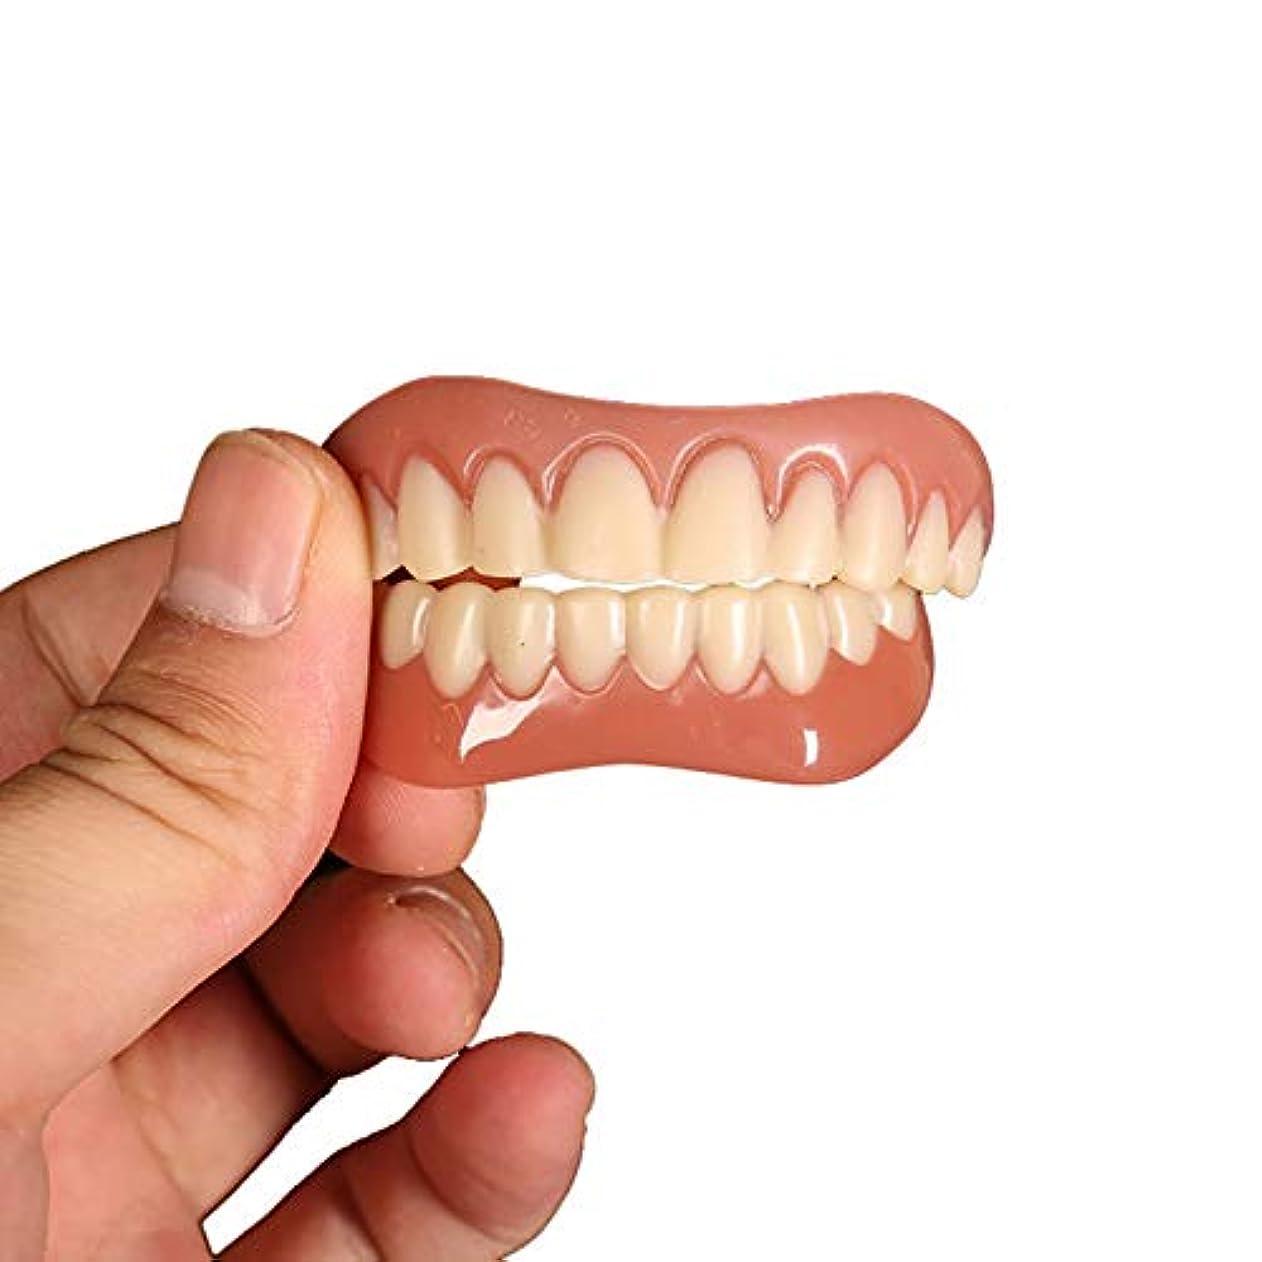 物理的に実現可能性ニュージーランド2対歯科用ベニア快適なフィット歯のトップとボトム化粧品のベニヤワンサイズフィットすべての義歯接着剤歯偽義歯歯笑顔